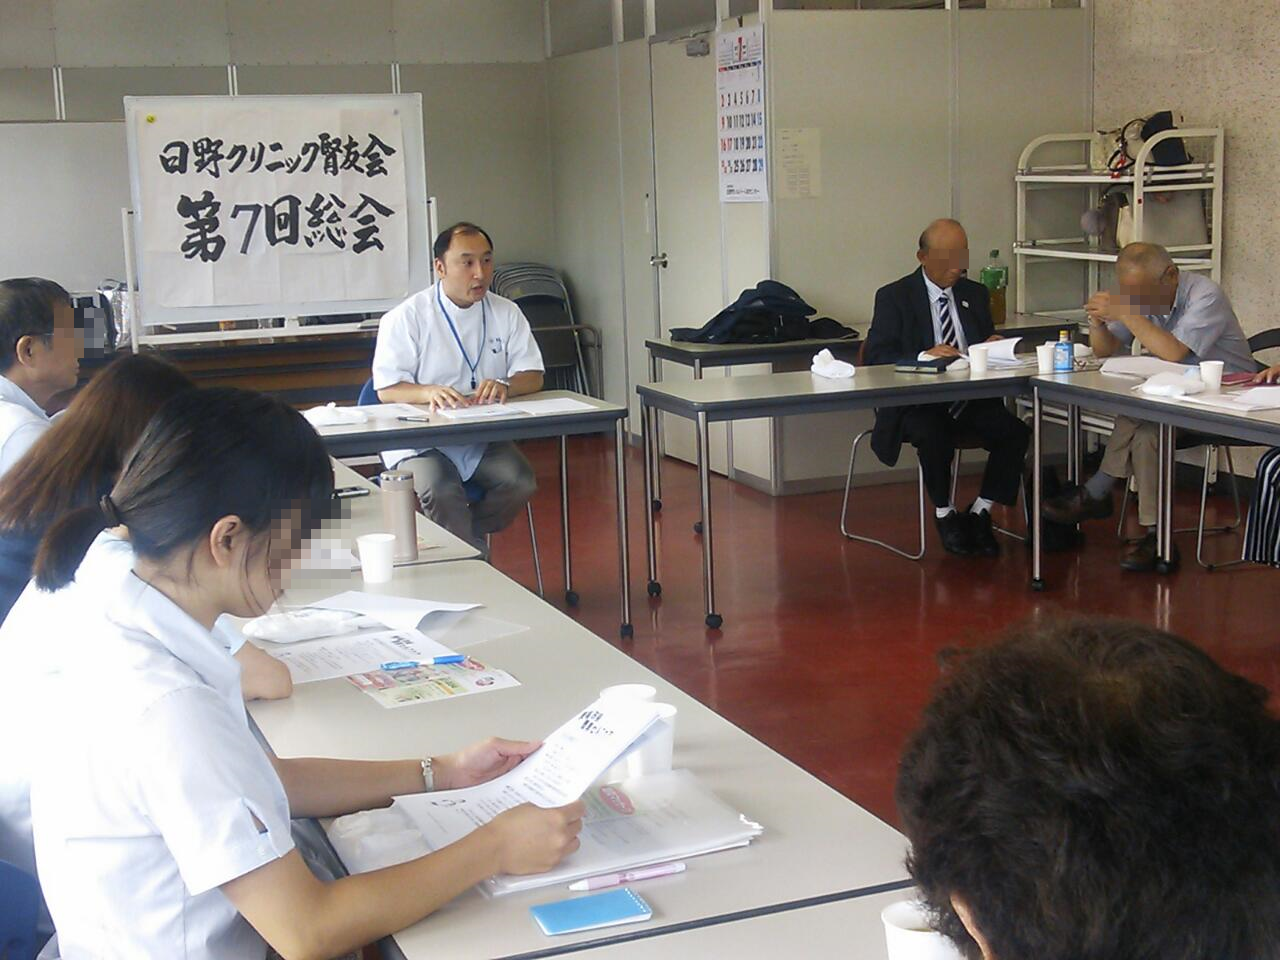 訪問マッサージ 東京在宅サービスの研修会活動/腎友会